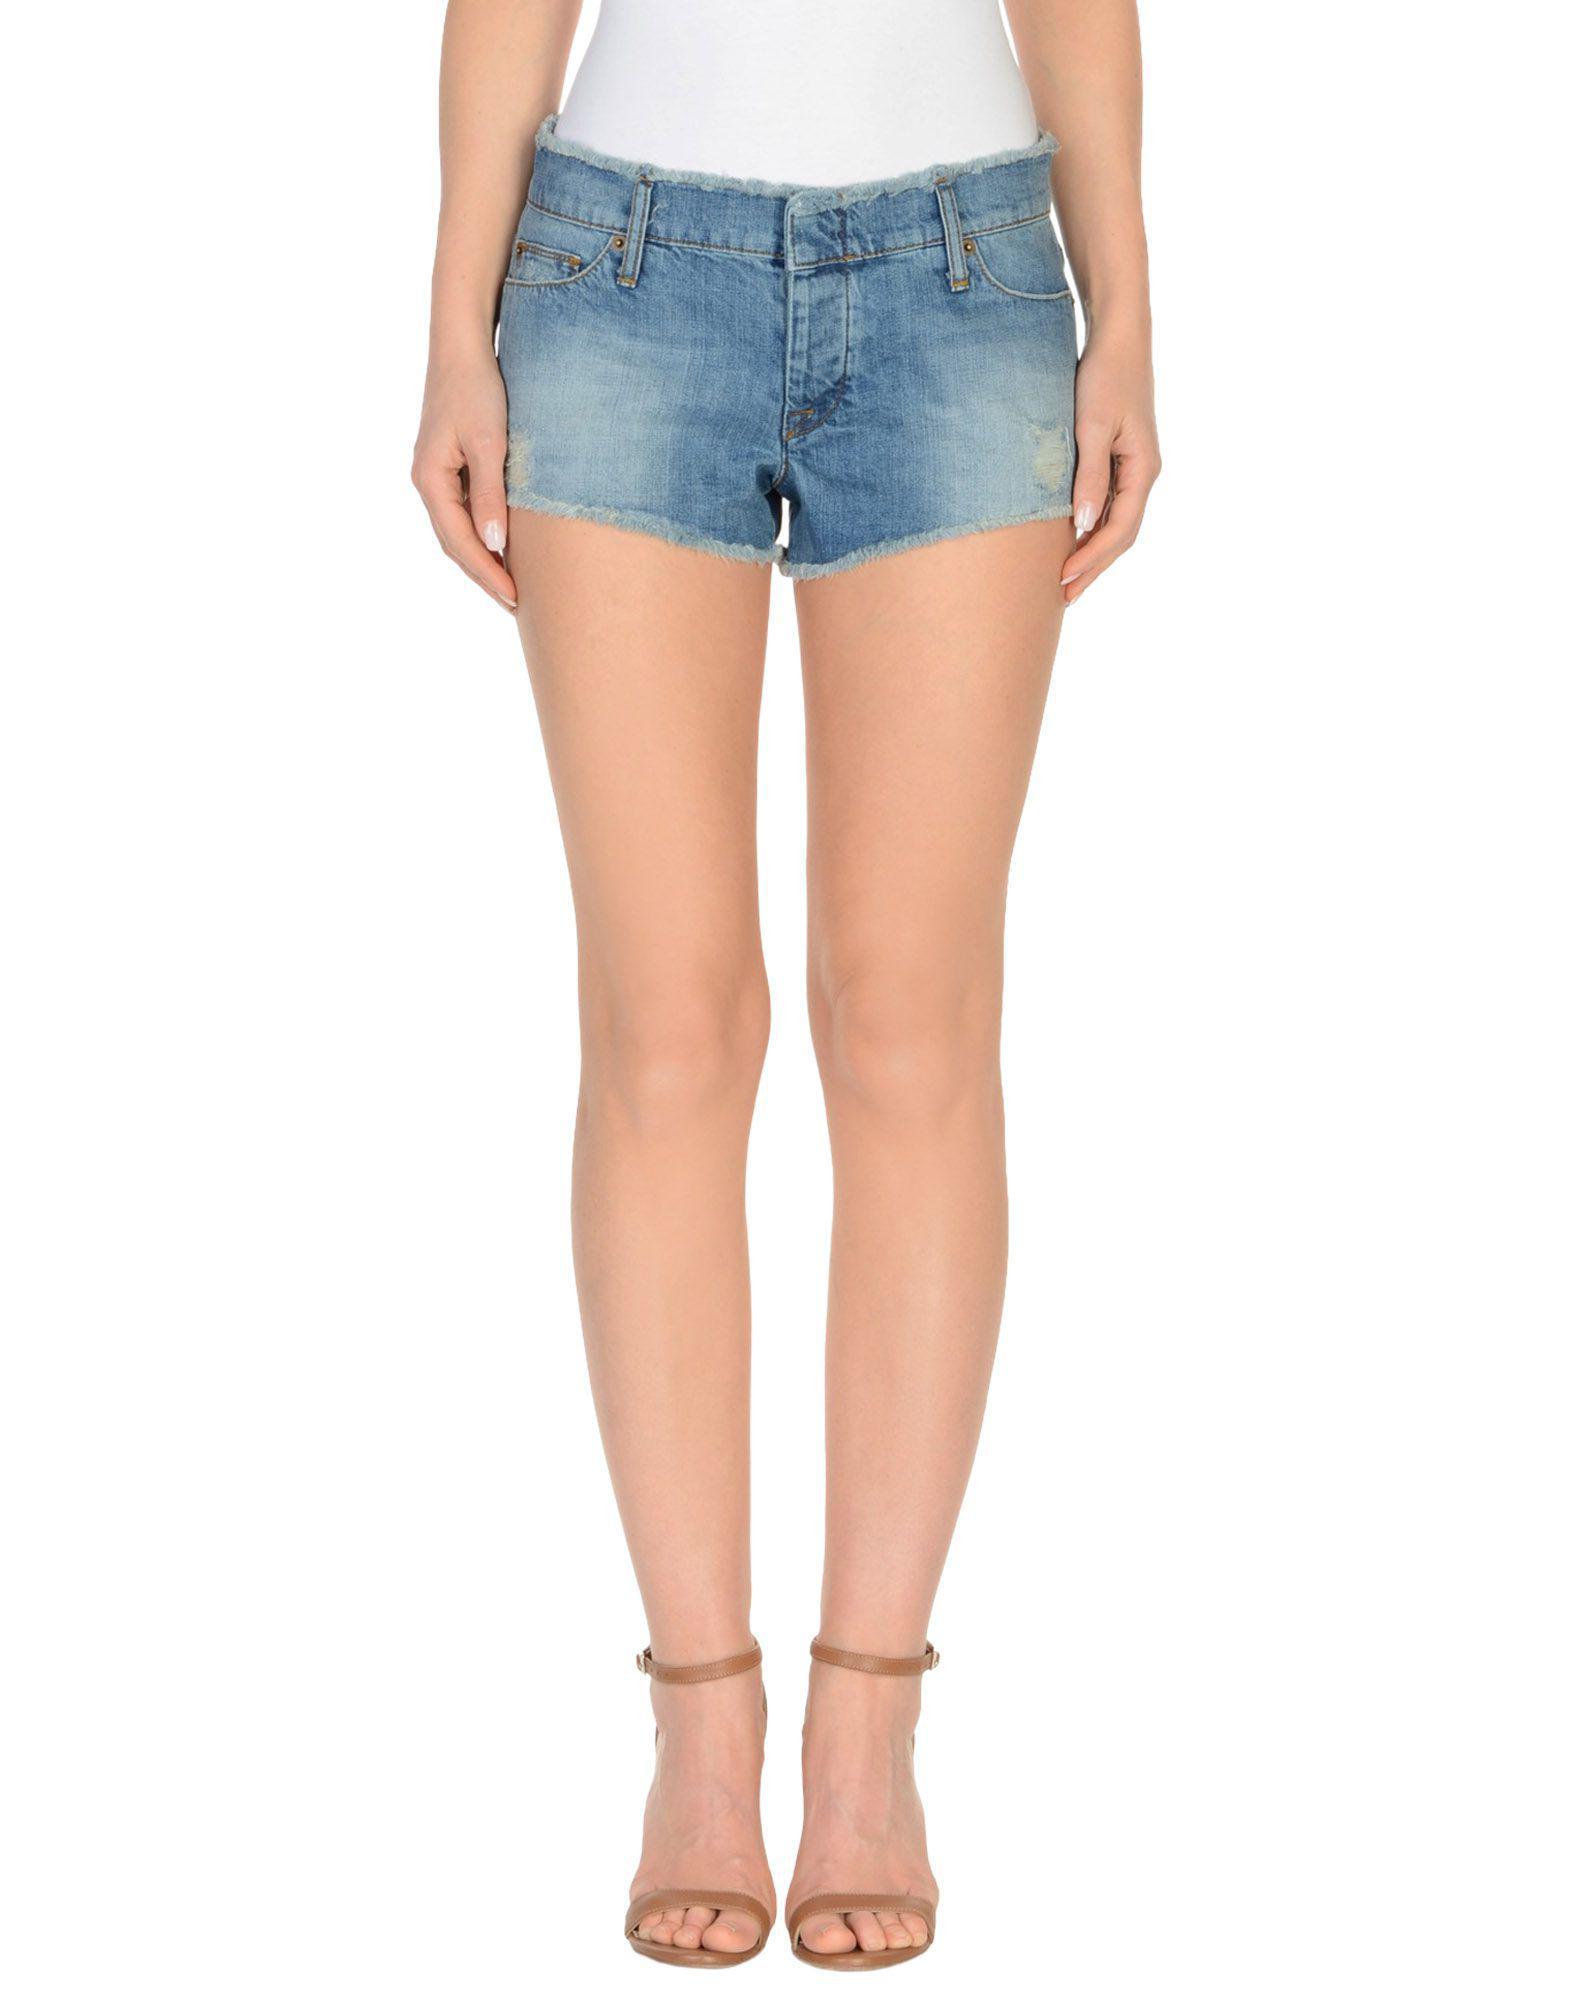 DENIM - Denim shorts BA&SH Cheap Sale Newest IM4so4Id